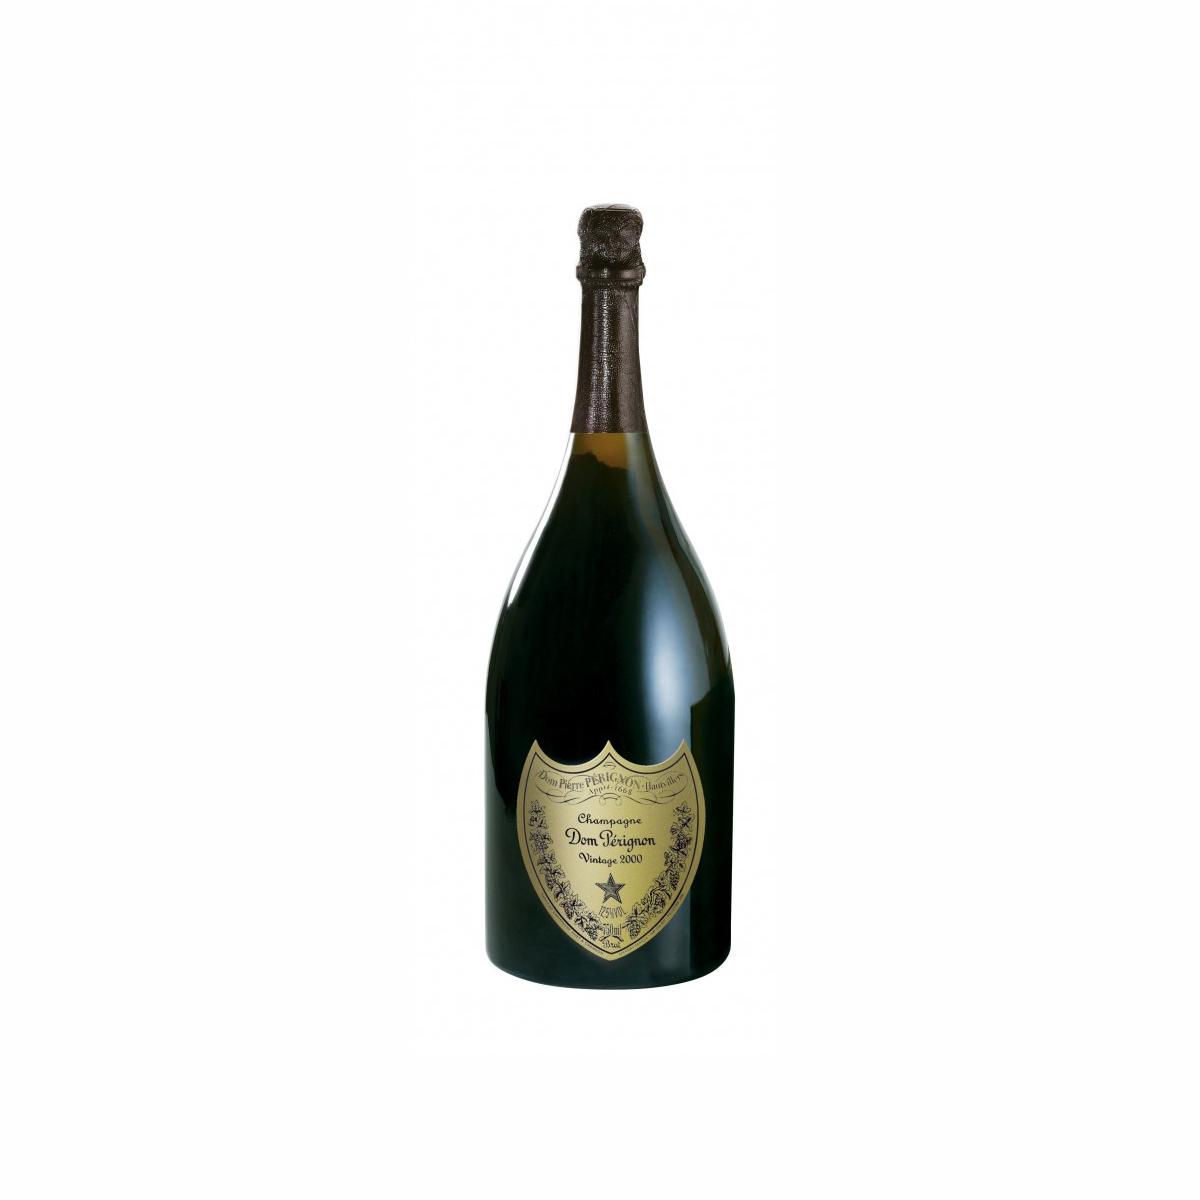 Dom Perignon Blanc 2006 Magnum